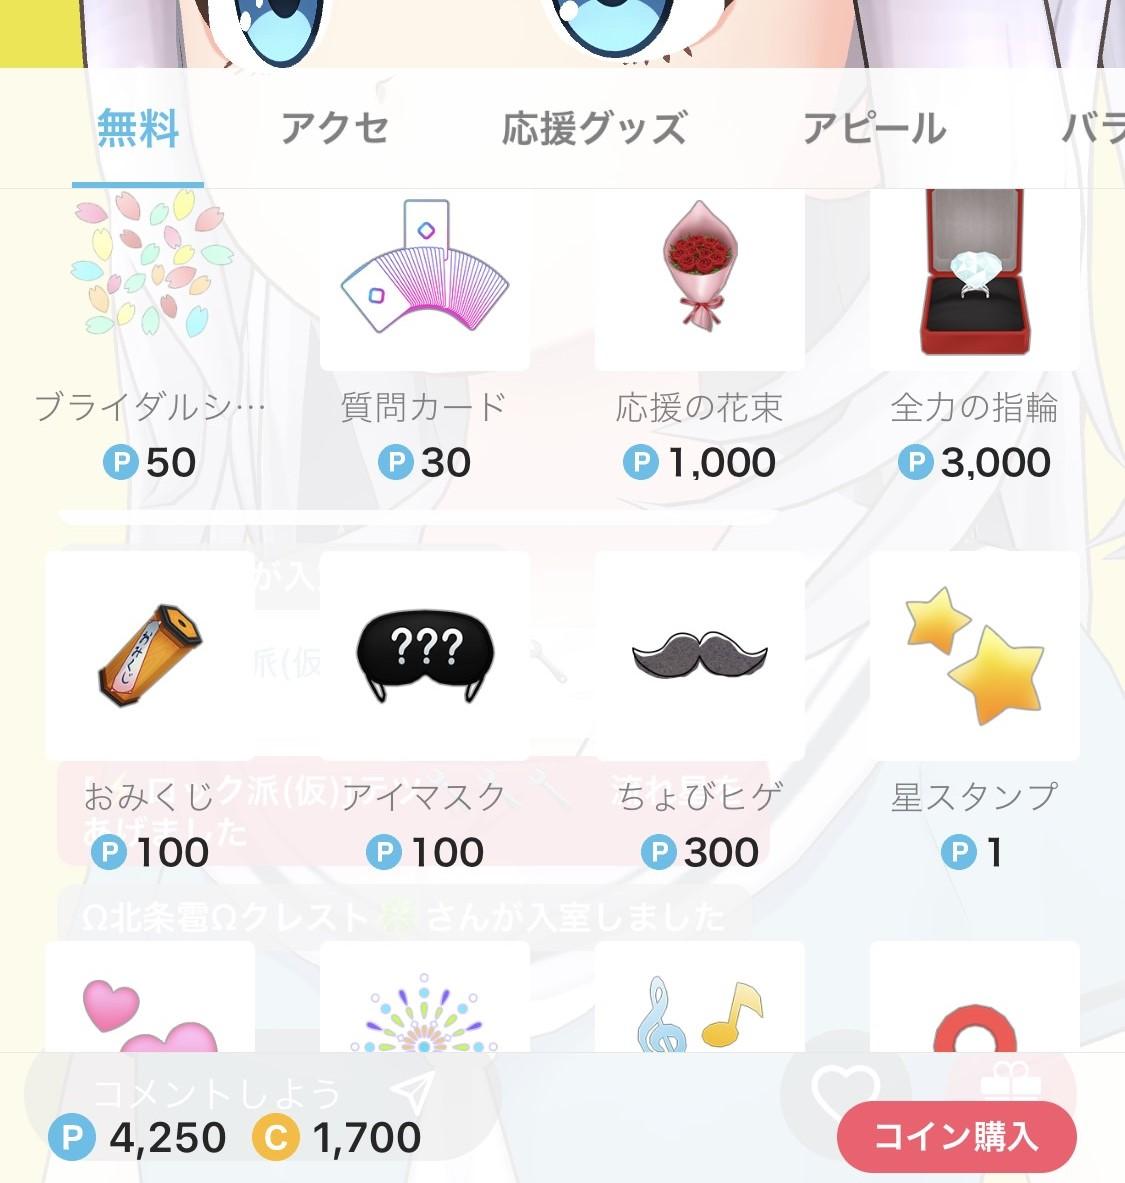 【REALITY】アプリの使い方①配信の見かた4